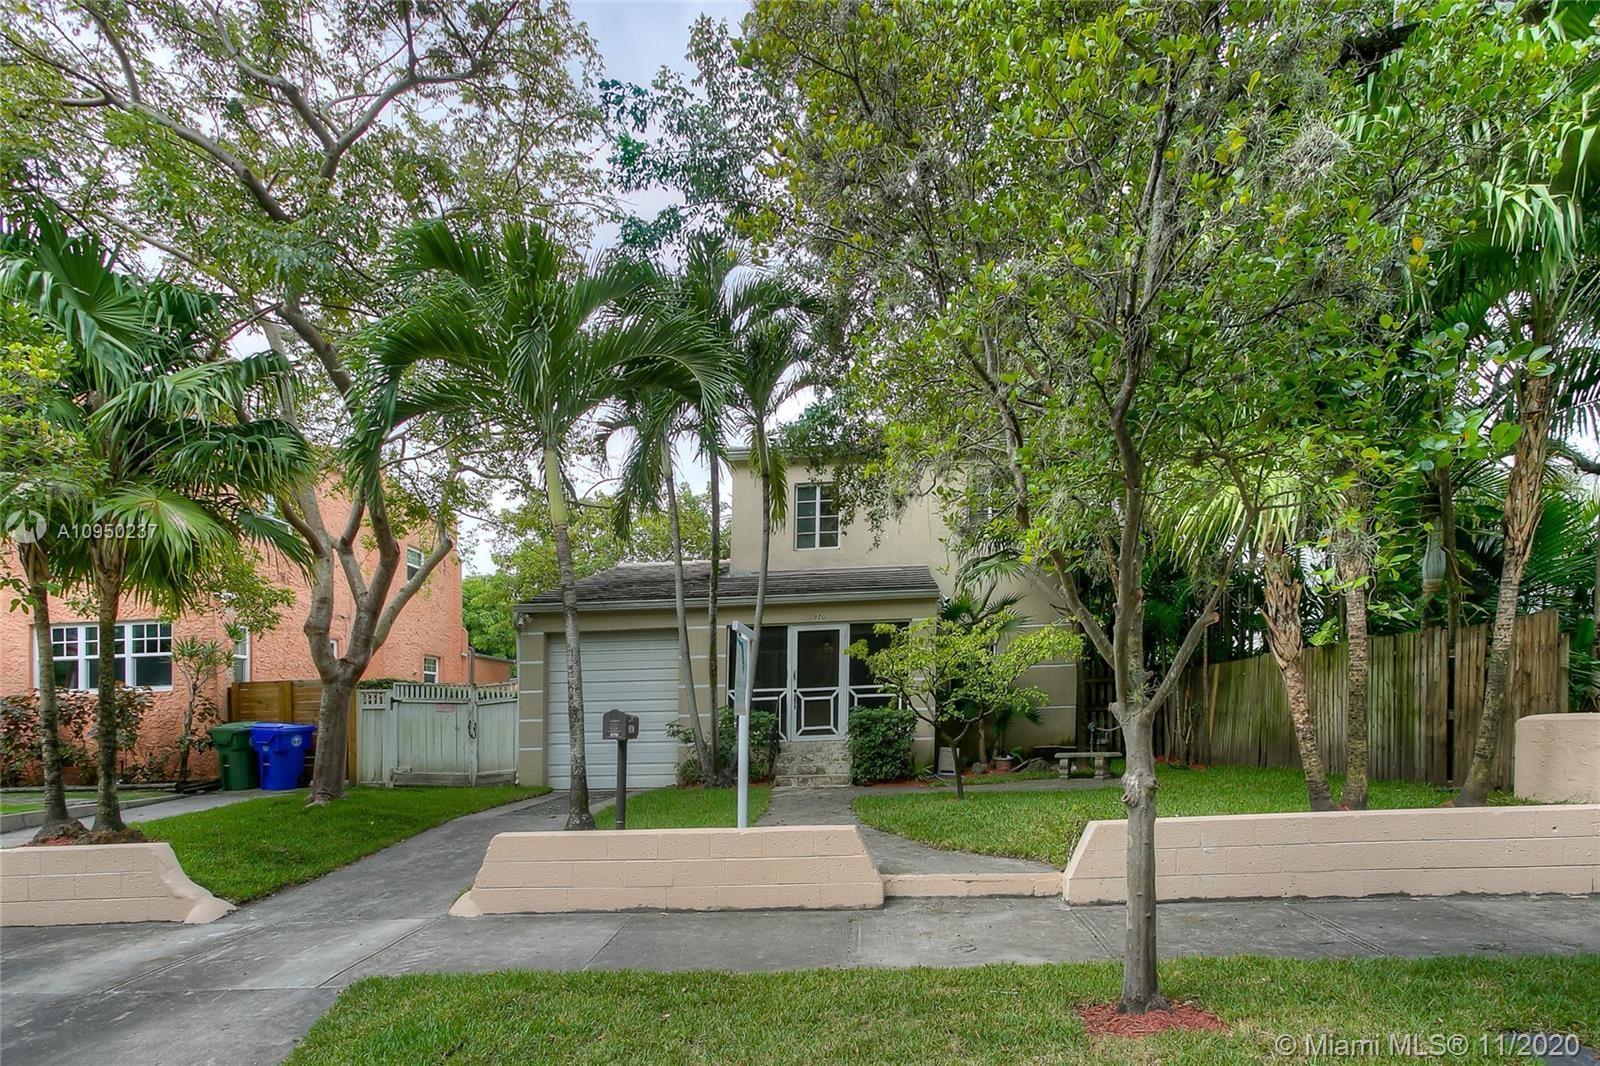 970 NW 10th Ave, Miami, FL 33136 - #: A10950237